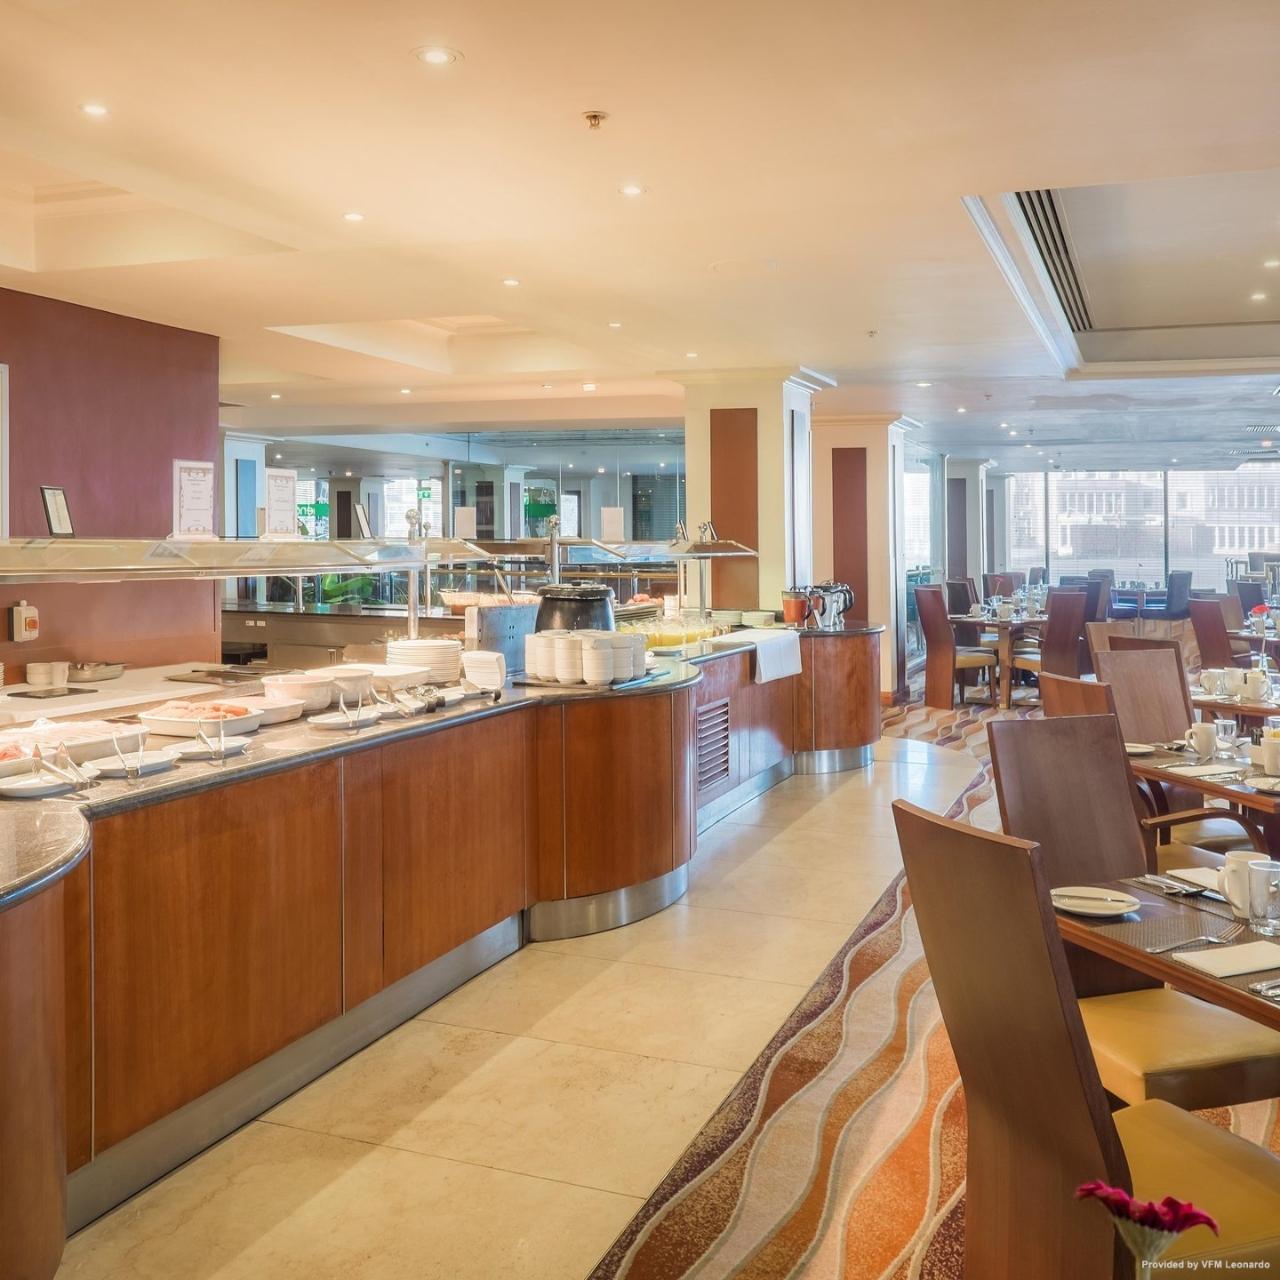 Grand Hotel Blackpool Grossbritannien Bei Hrs Mit Gratis Leistungen